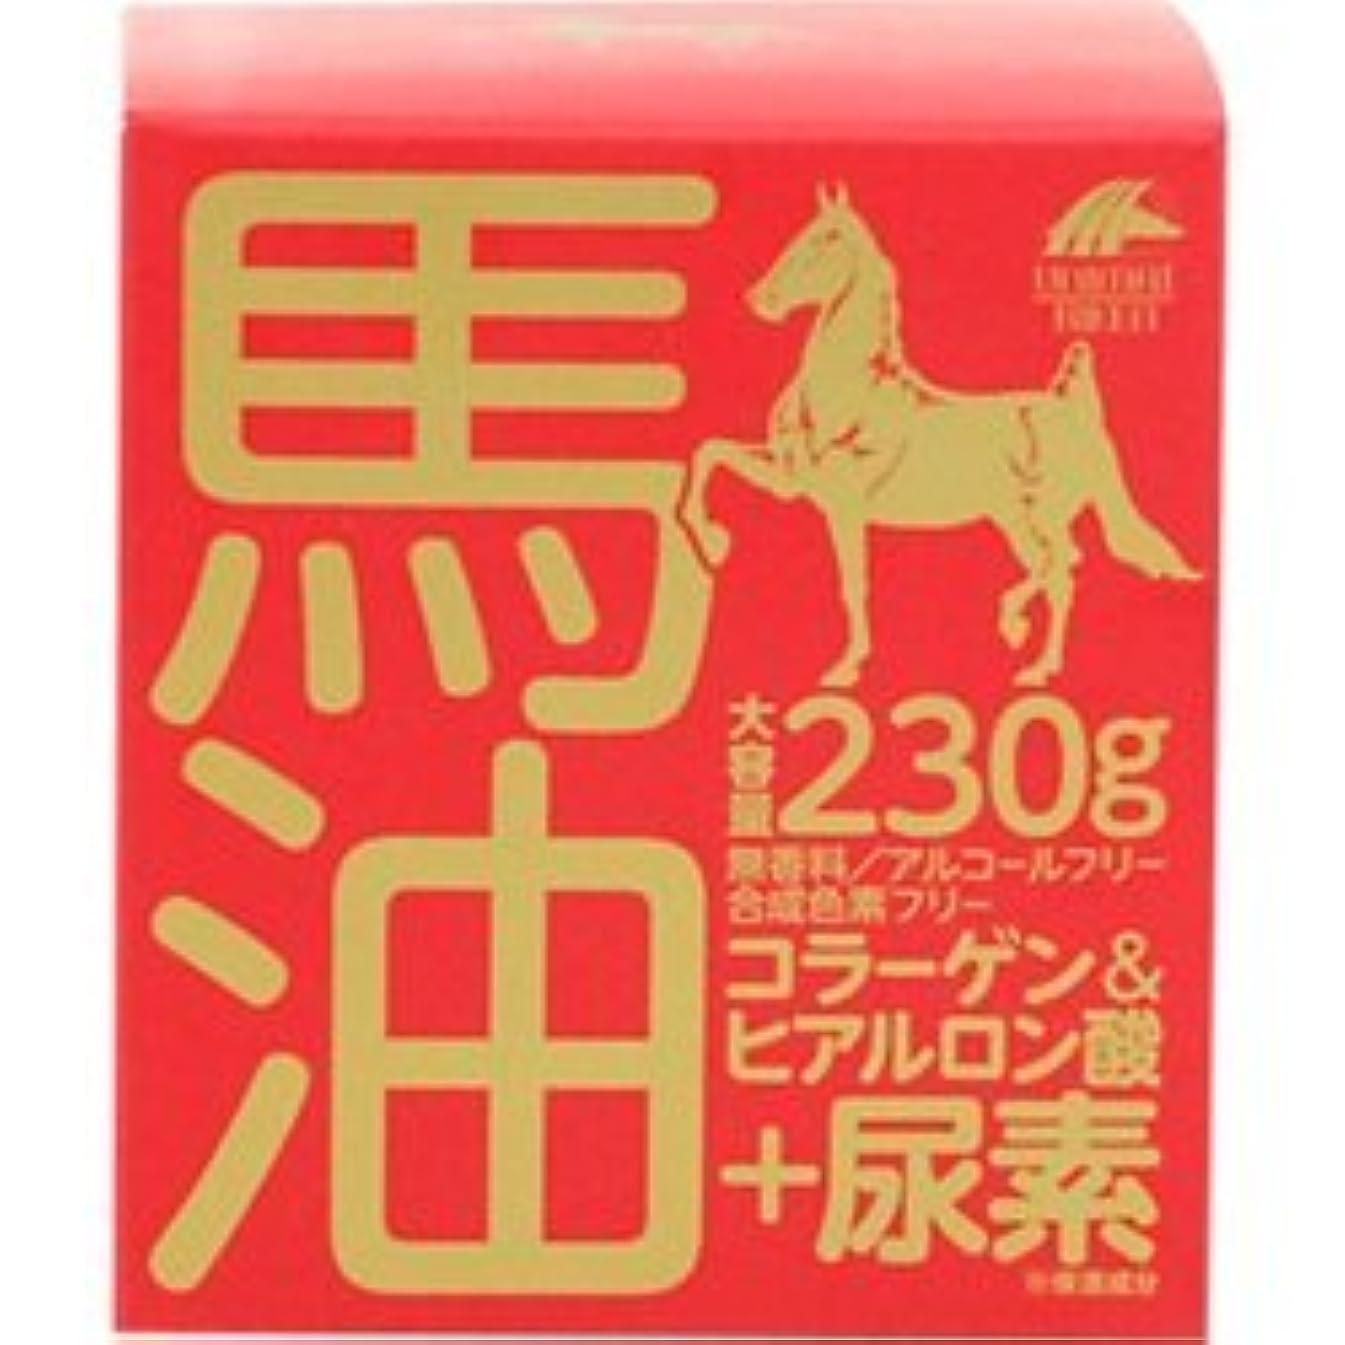 建てる櫛ウェイター【ユニマットリケン】馬油クリーム+尿素 230g ×20個セット